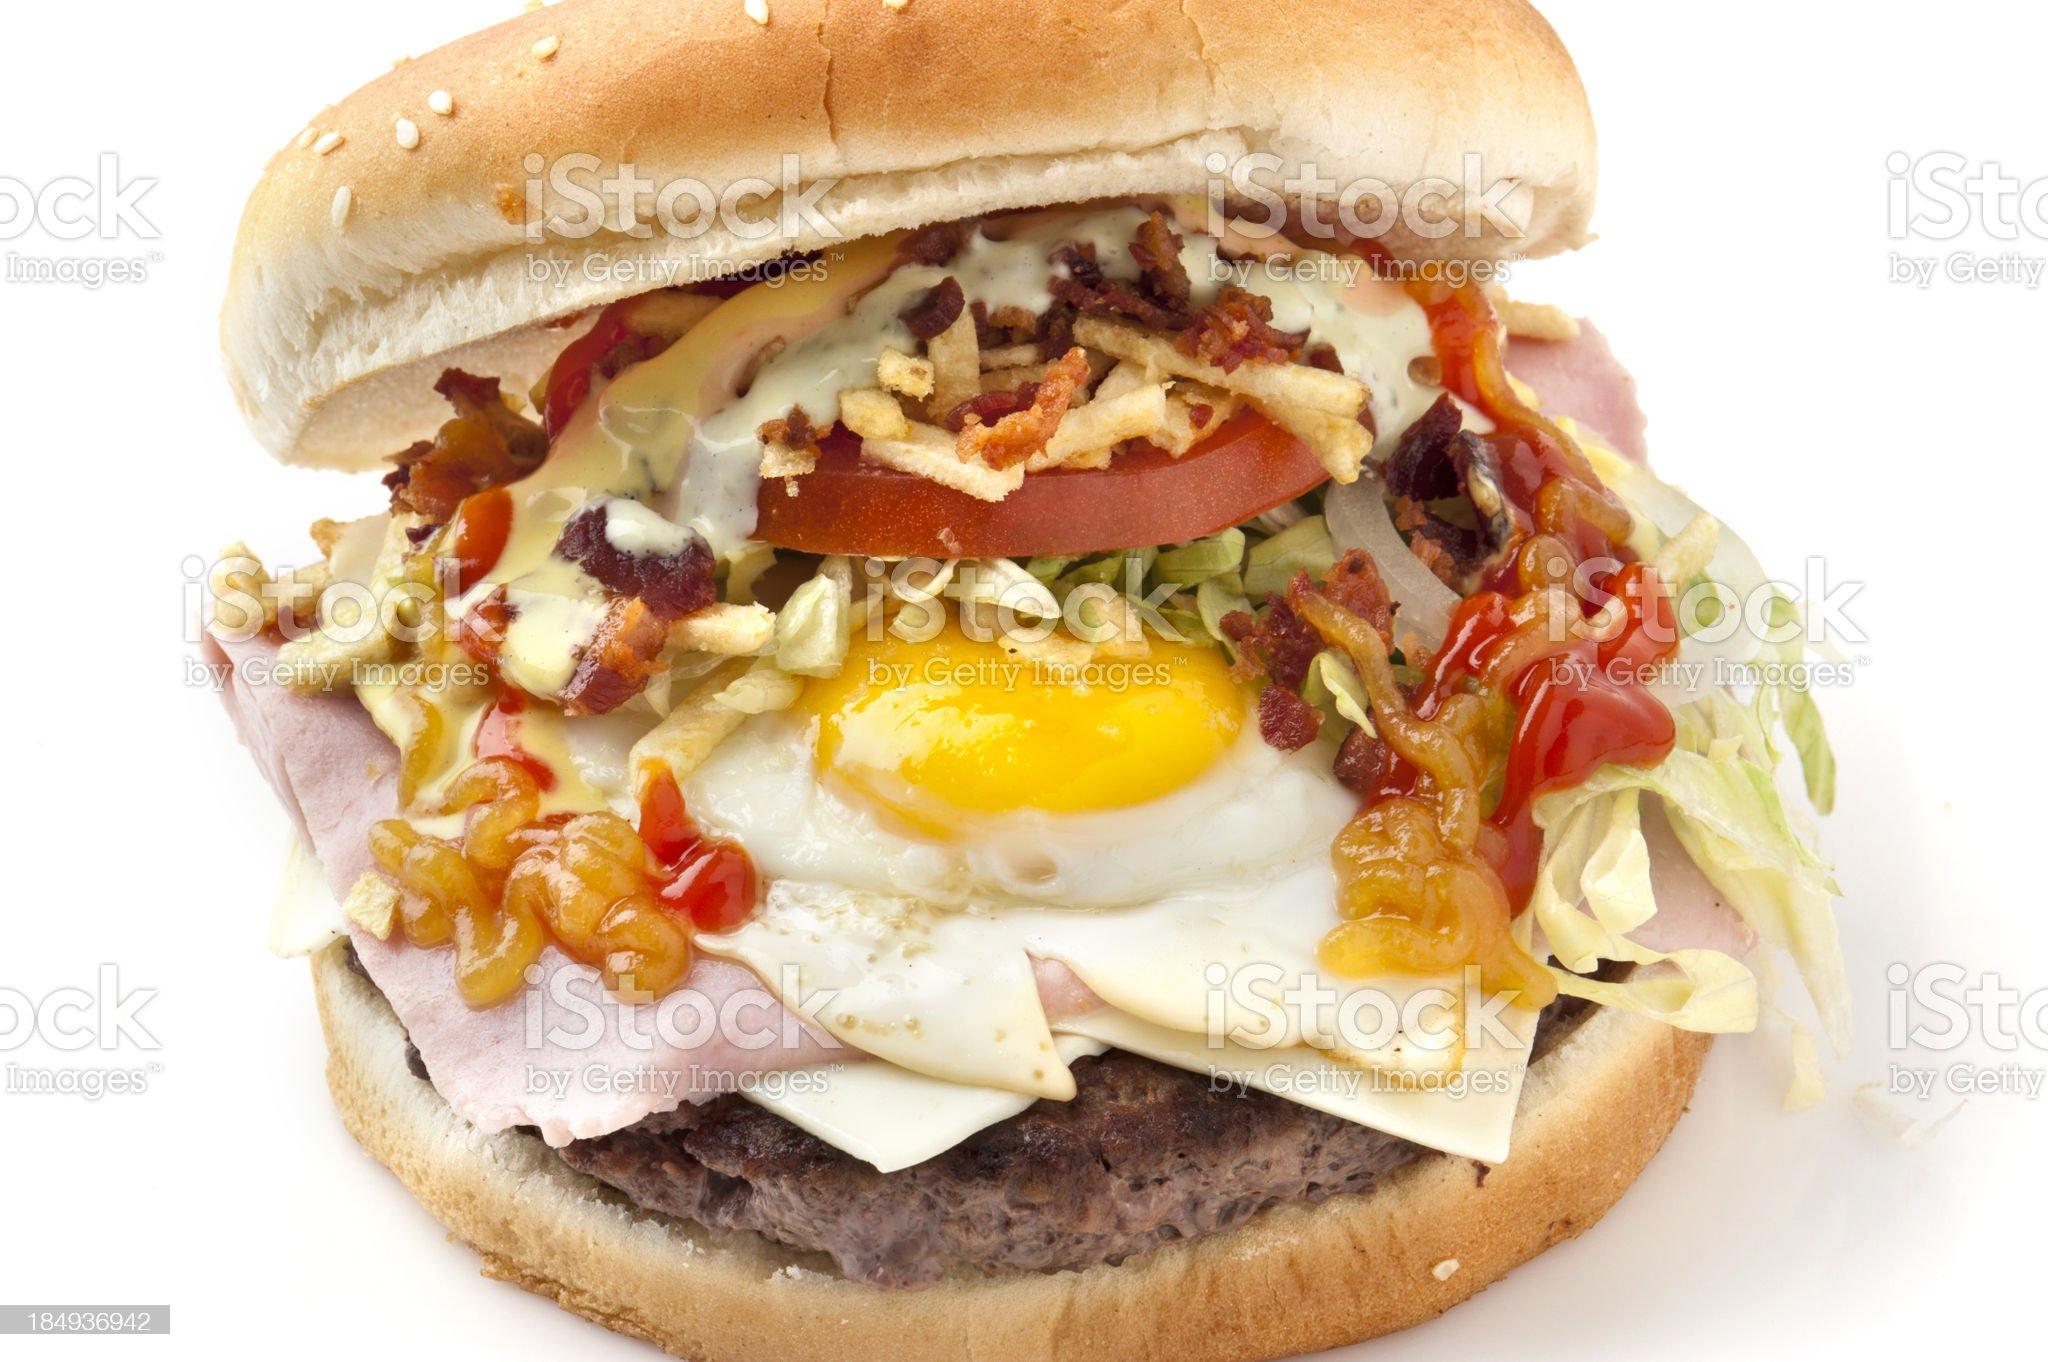 Colombian Hamburger royalty-free stock photo